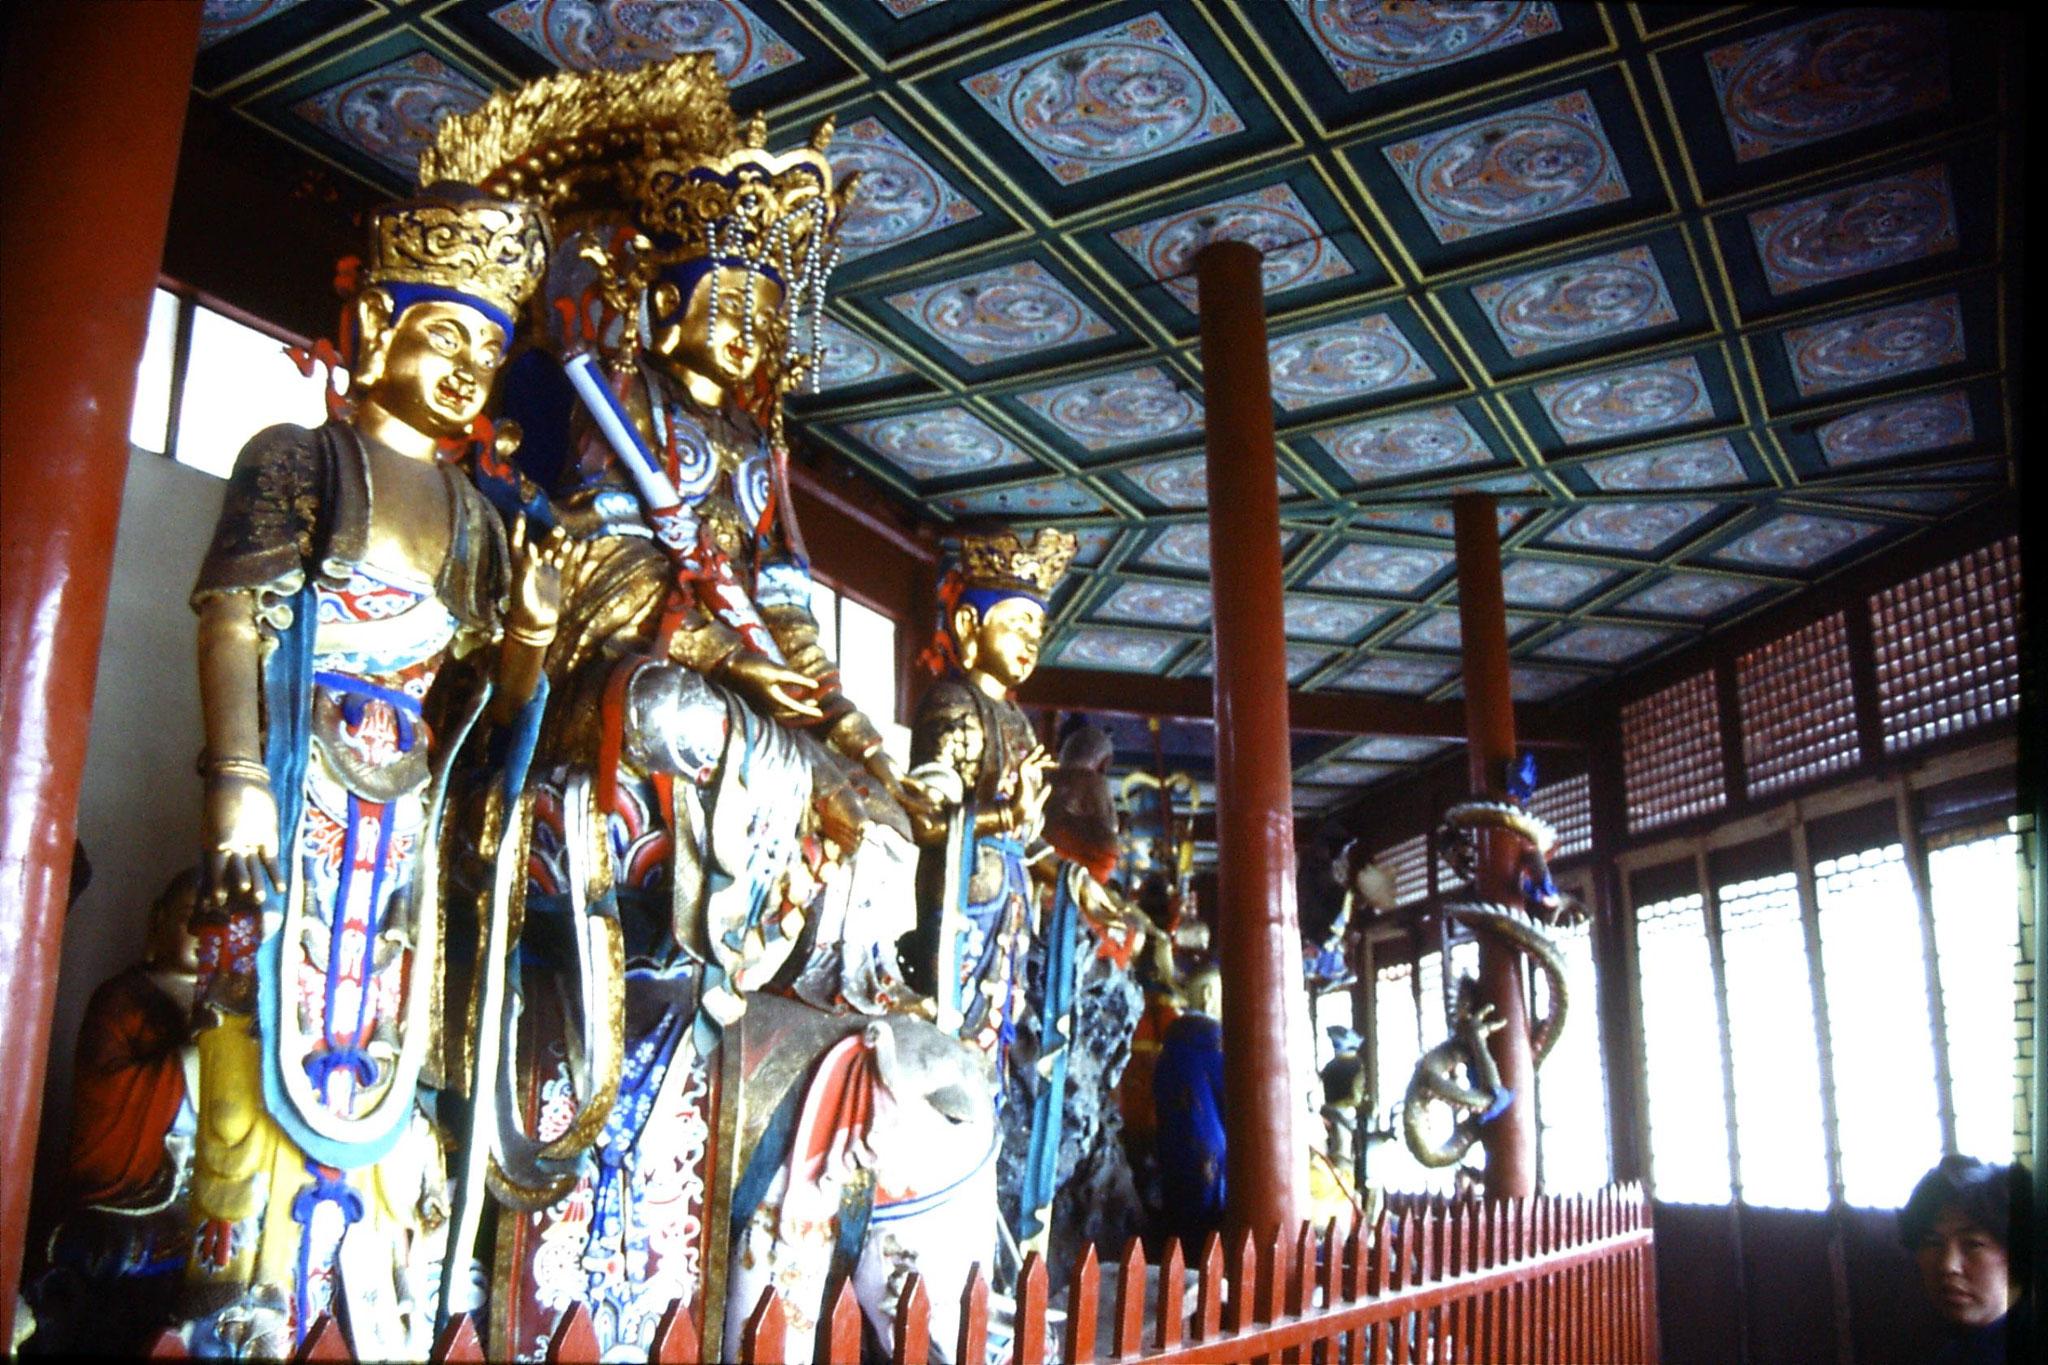 25/2/1989: 9: Kaifeng Xiangguo Monastery